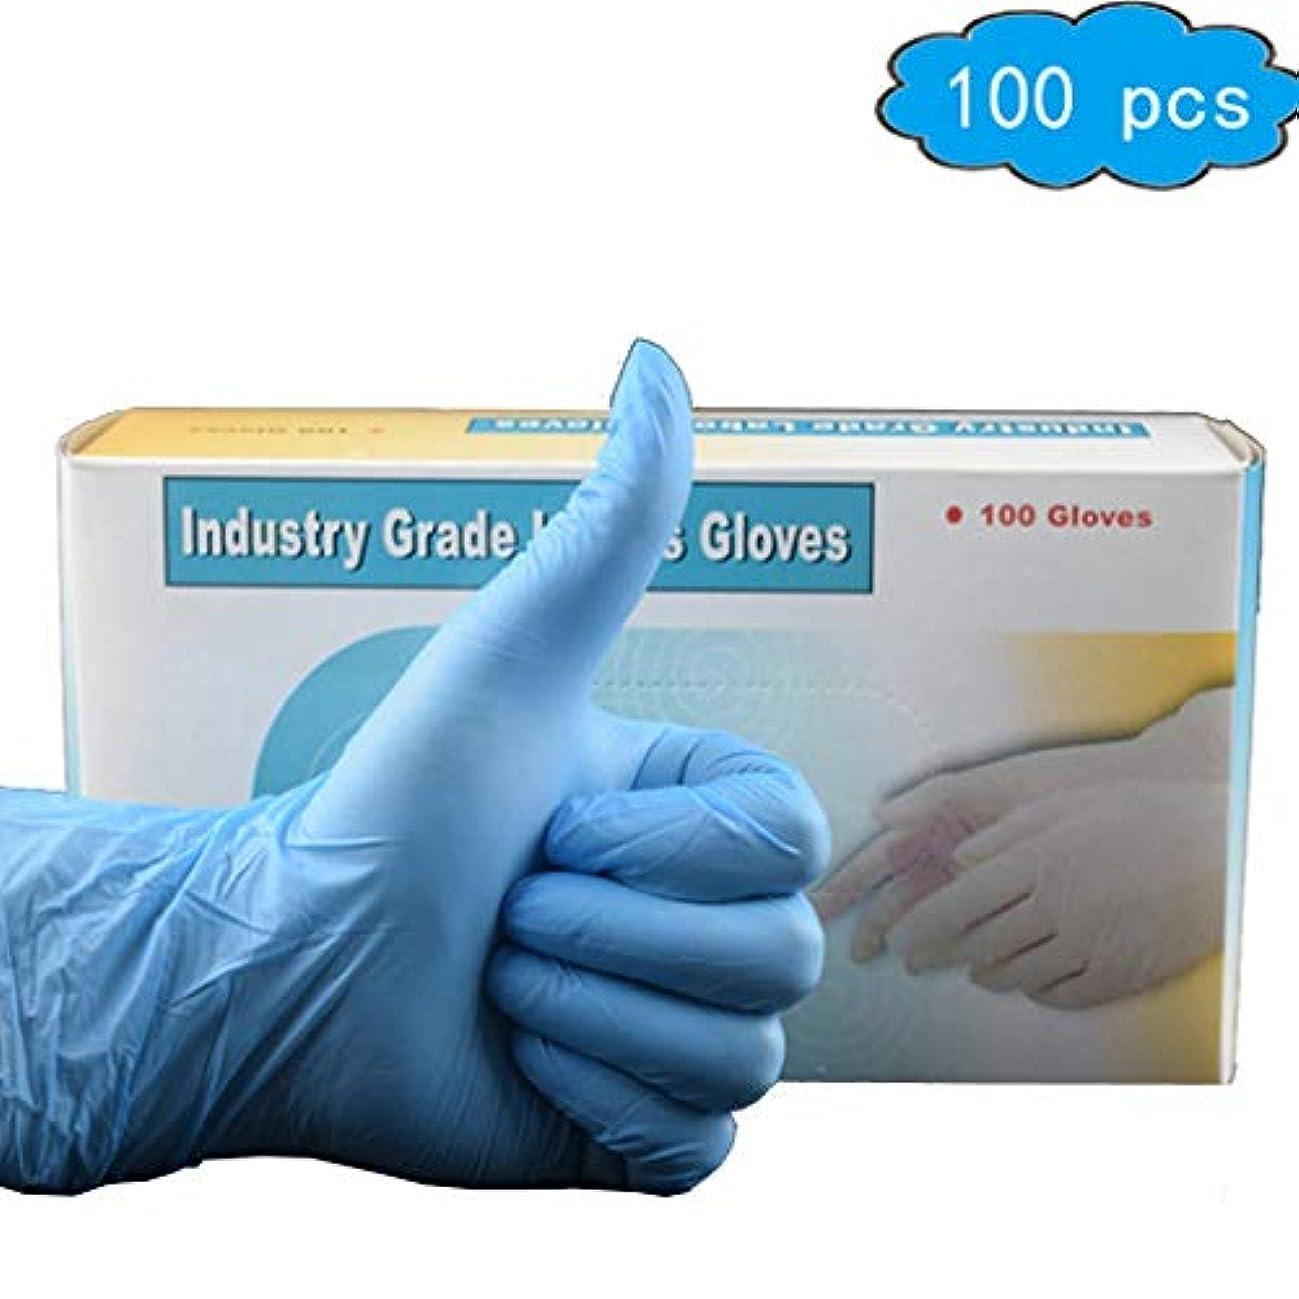 乗算コンプリート受け取る使い捨て手袋、子供用使い捨て手袋、子供用ニトリル手袋 - 粉末なし、ラテックスなし、無臭、食品等級、アレルギー、質感のある指 - 100PCSブルー (Color : Blue, Size : L)